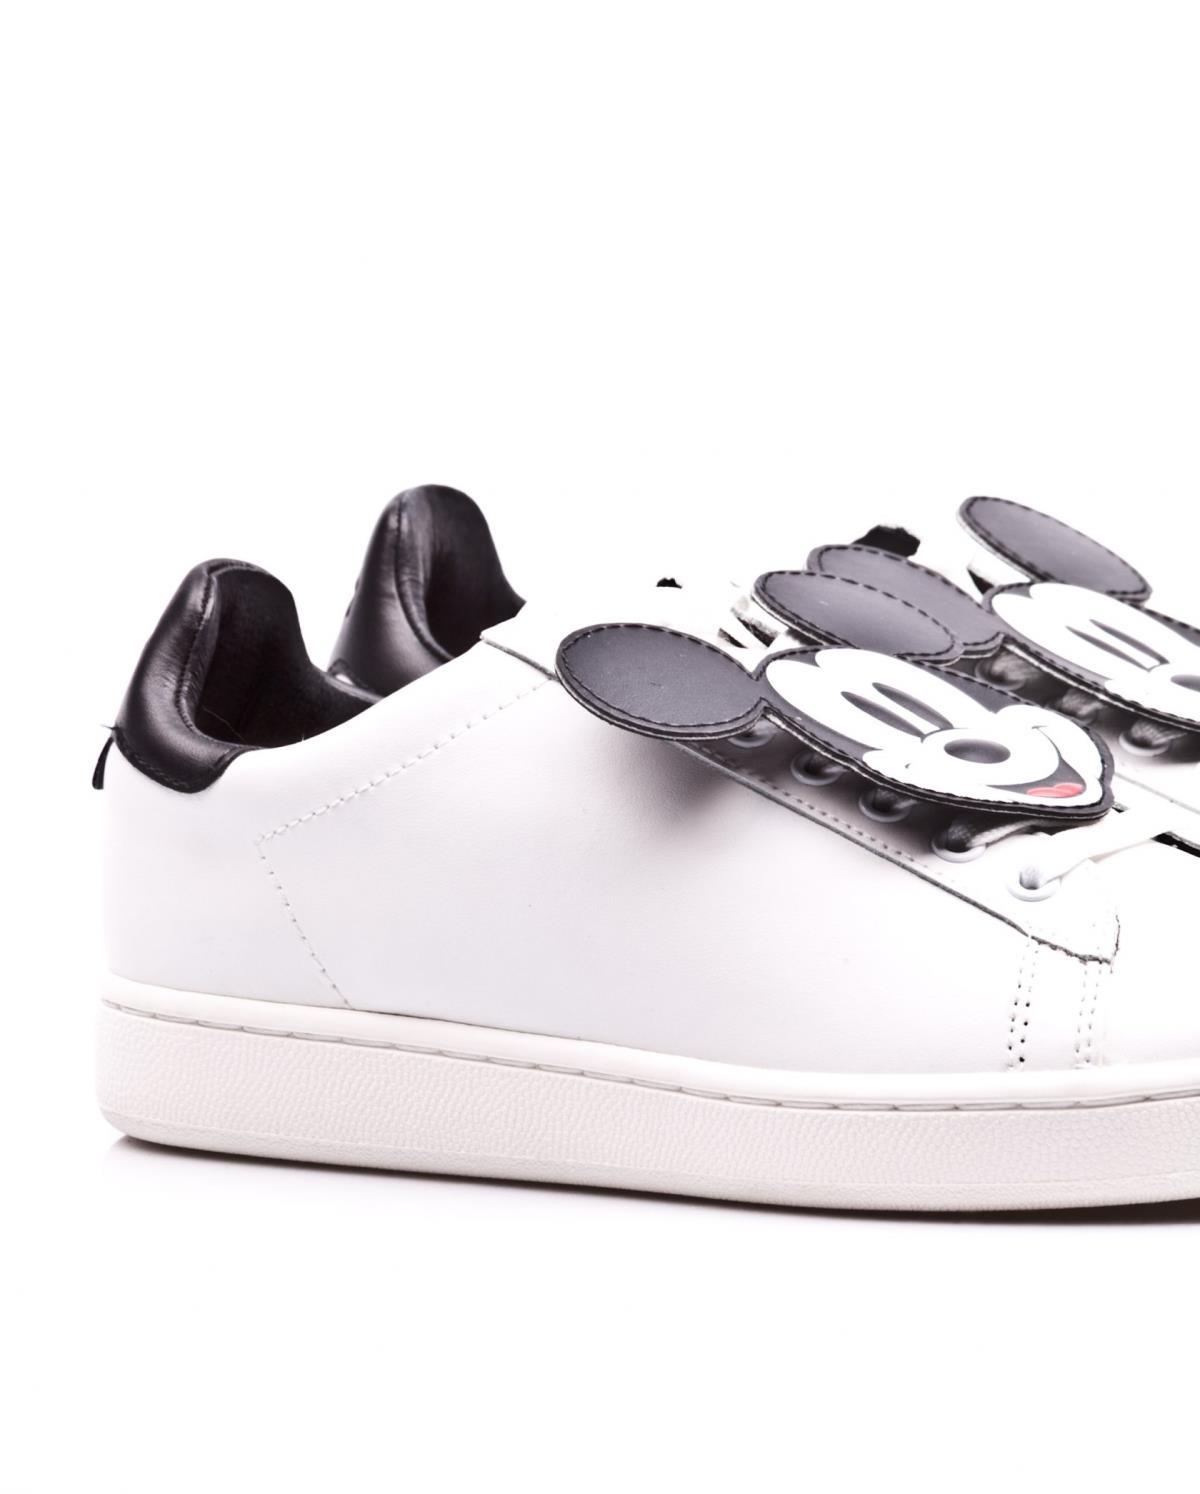 foto ufficiali 397ce 0a3cf scarpe topolino moa